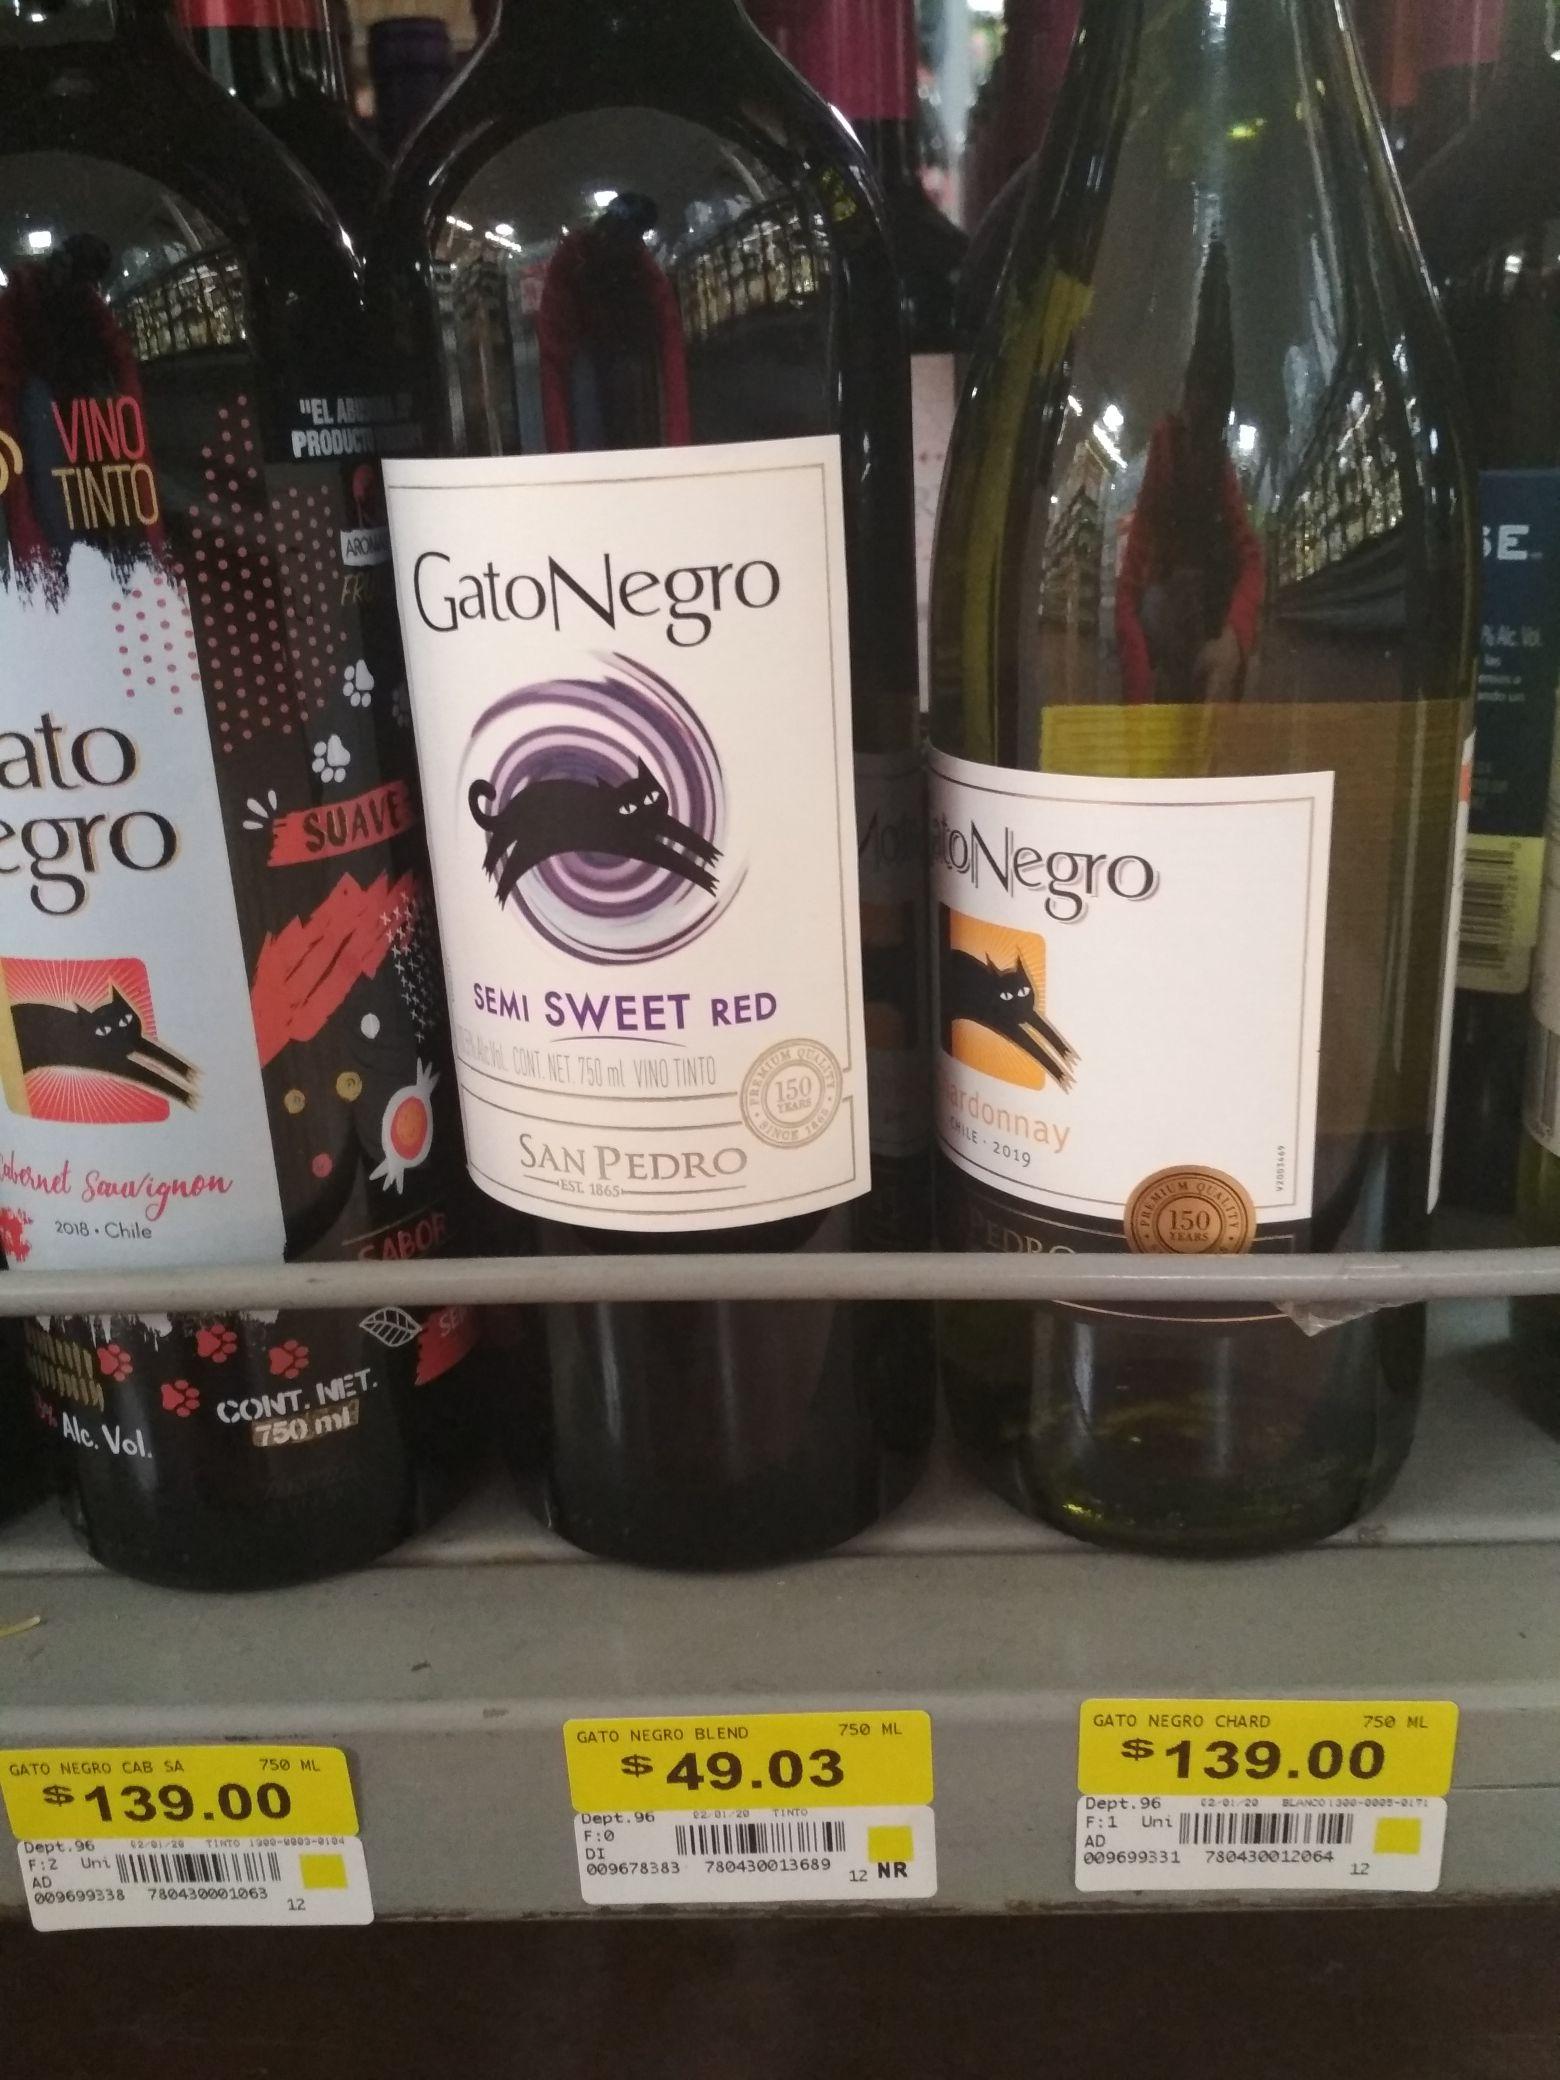 Walmart: Vino Gato Negro Semi Sweet Red